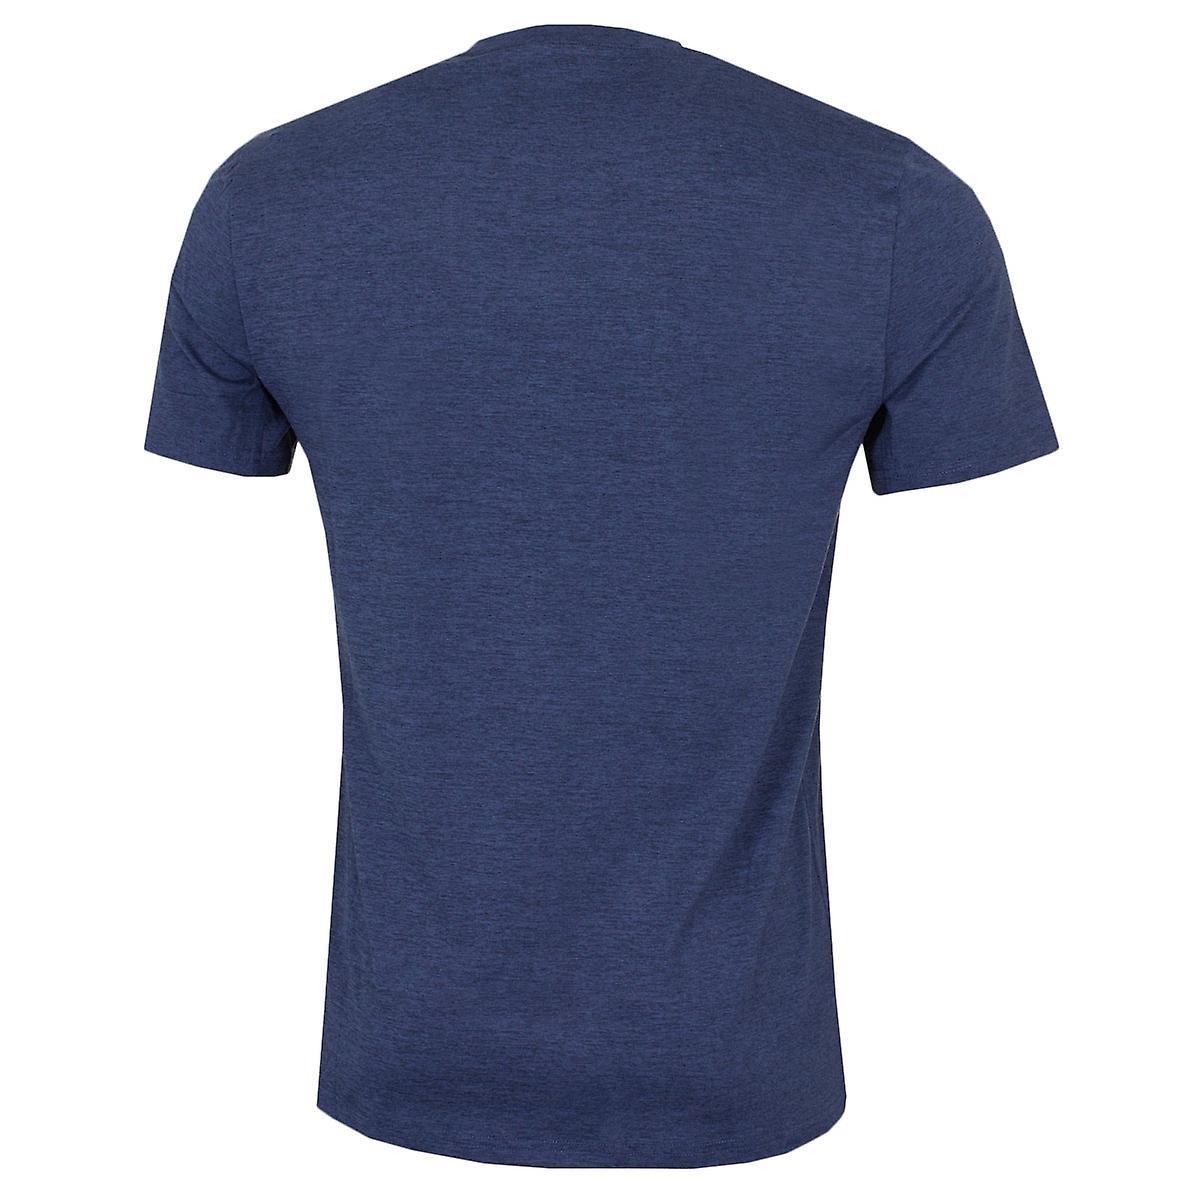 Calvin Klein Herren T-Shirt Newport C9354 dunkelblau